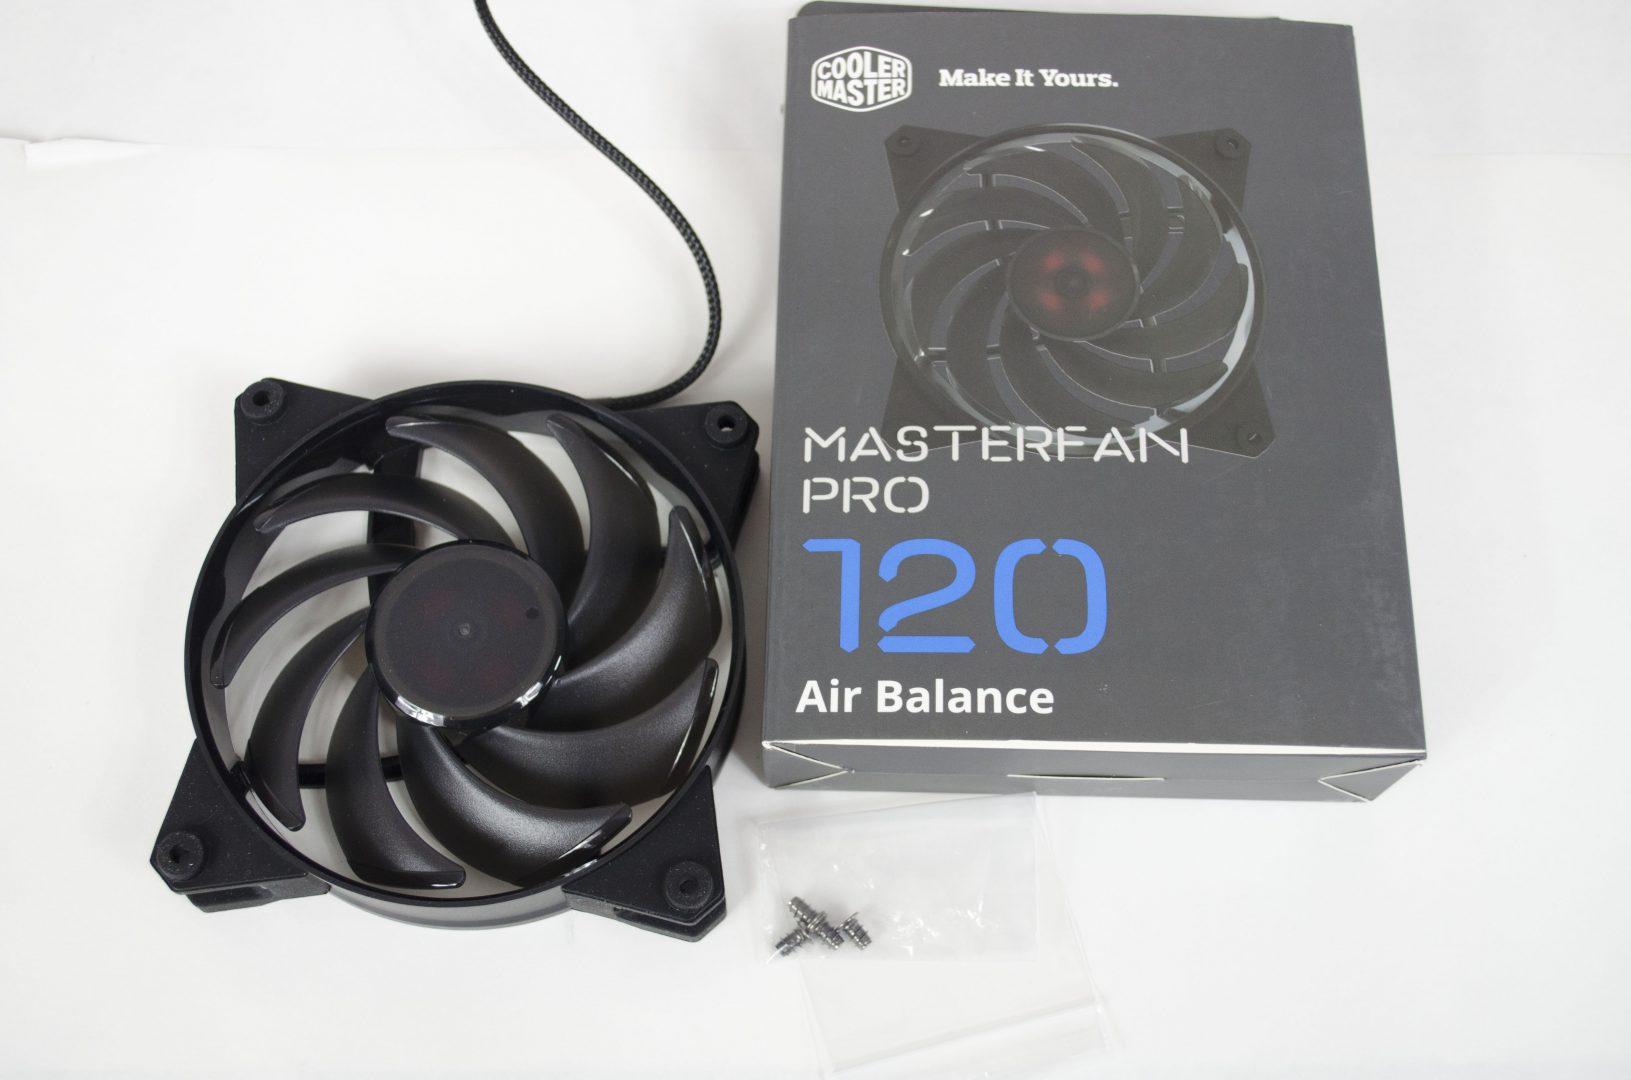 cooler-master-masterfan-pro-range-review_7